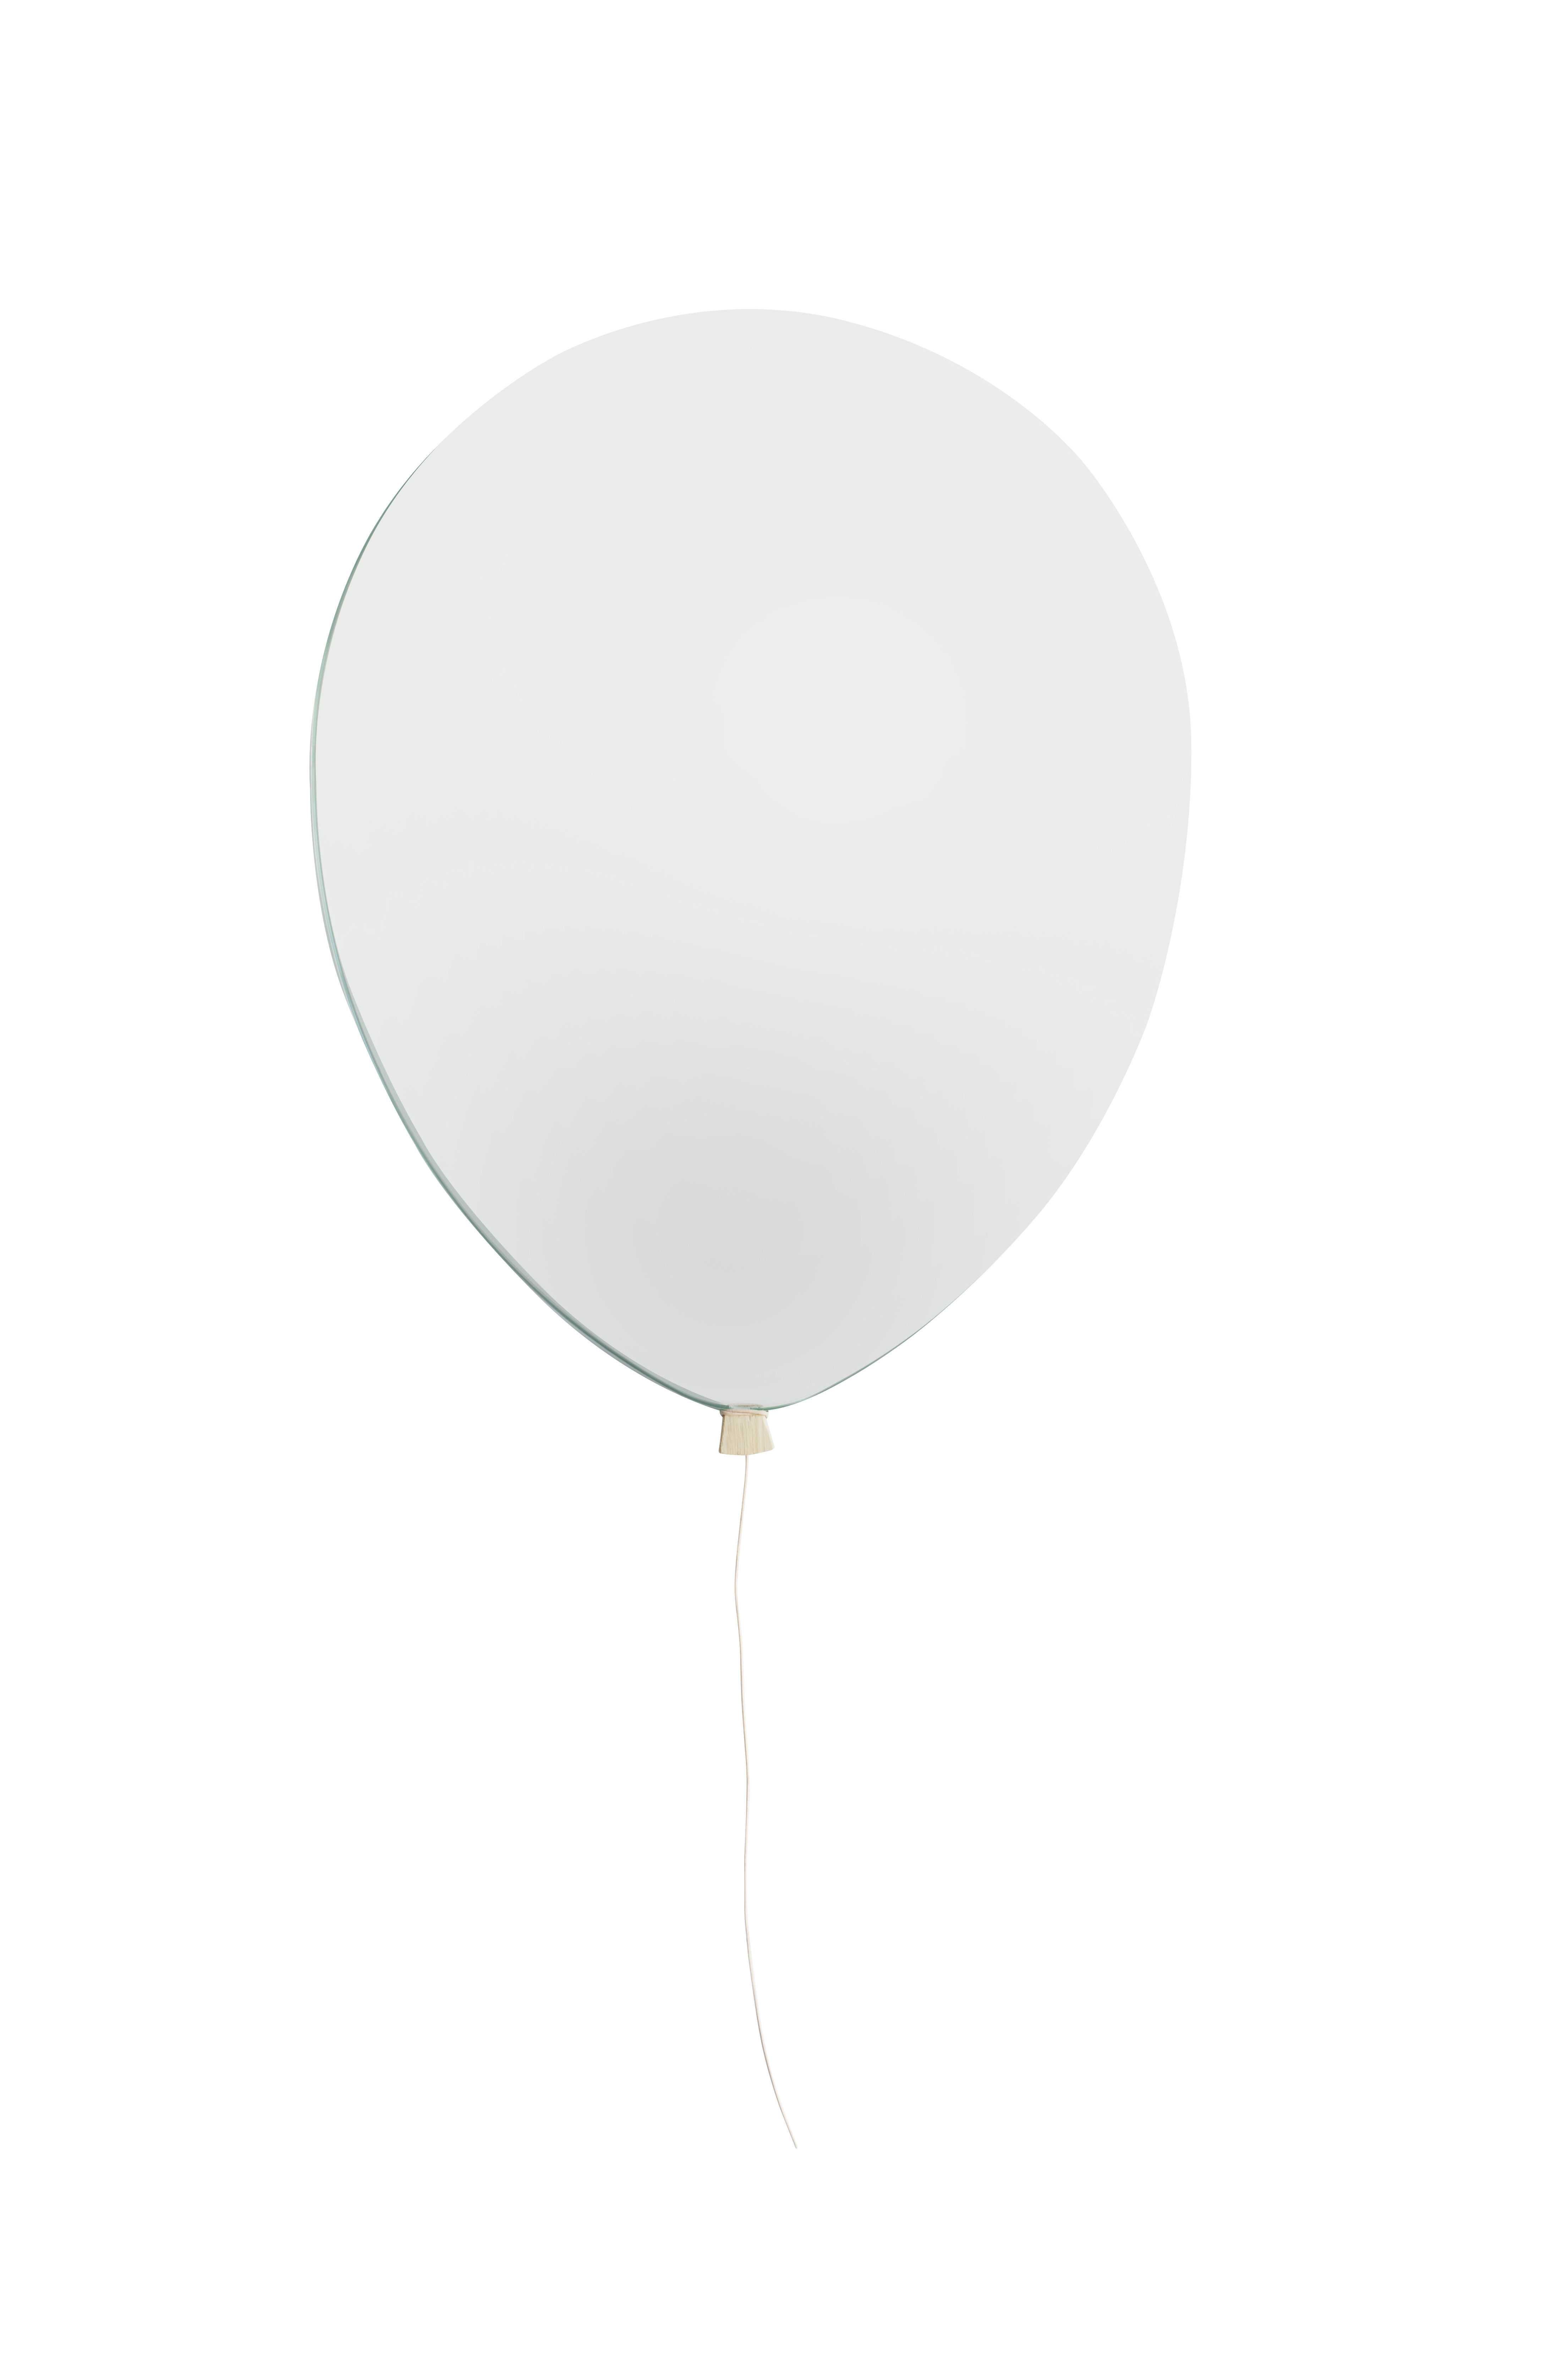 Interni - Per bambini - Specchio Balloon Small / Larg. 28 x H 36 cm - Elements Optimal - H 36 cm / Specchio - Pelle, Rovere, Specchio